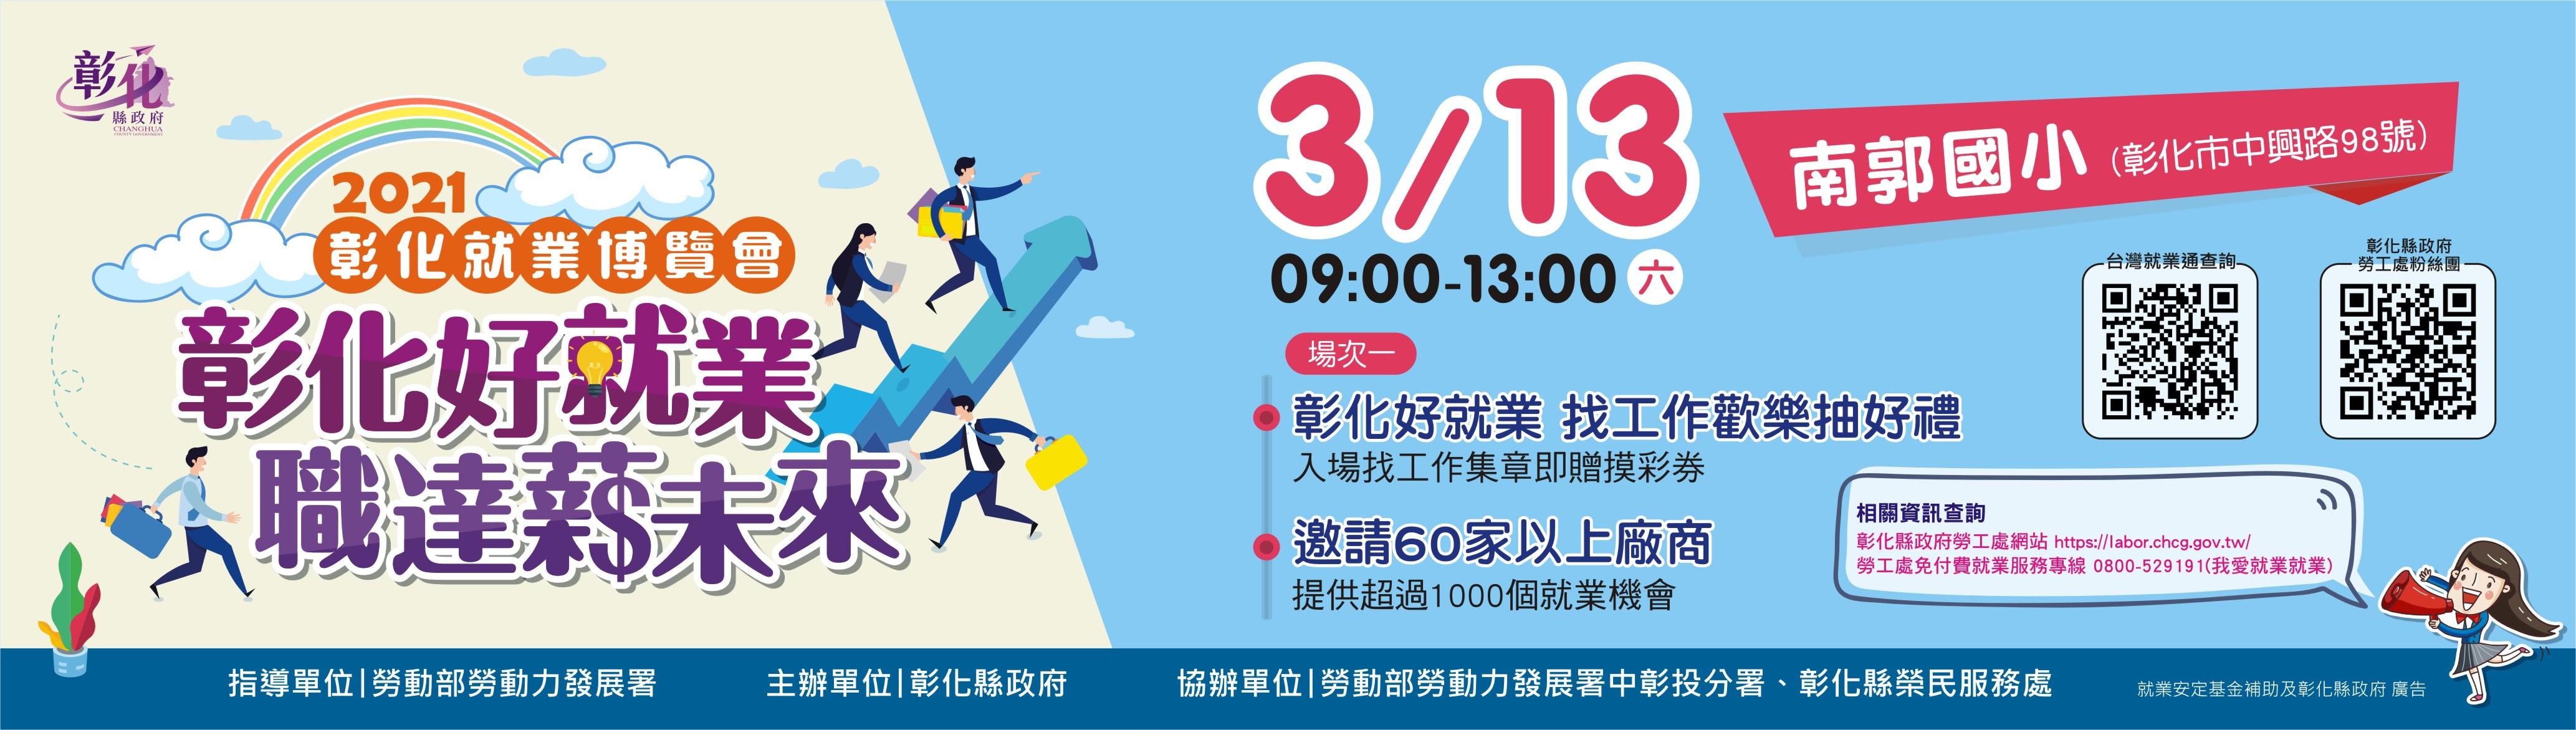 【徵才活動】2021 第一場「就博會」在南郭!徵的就是你!